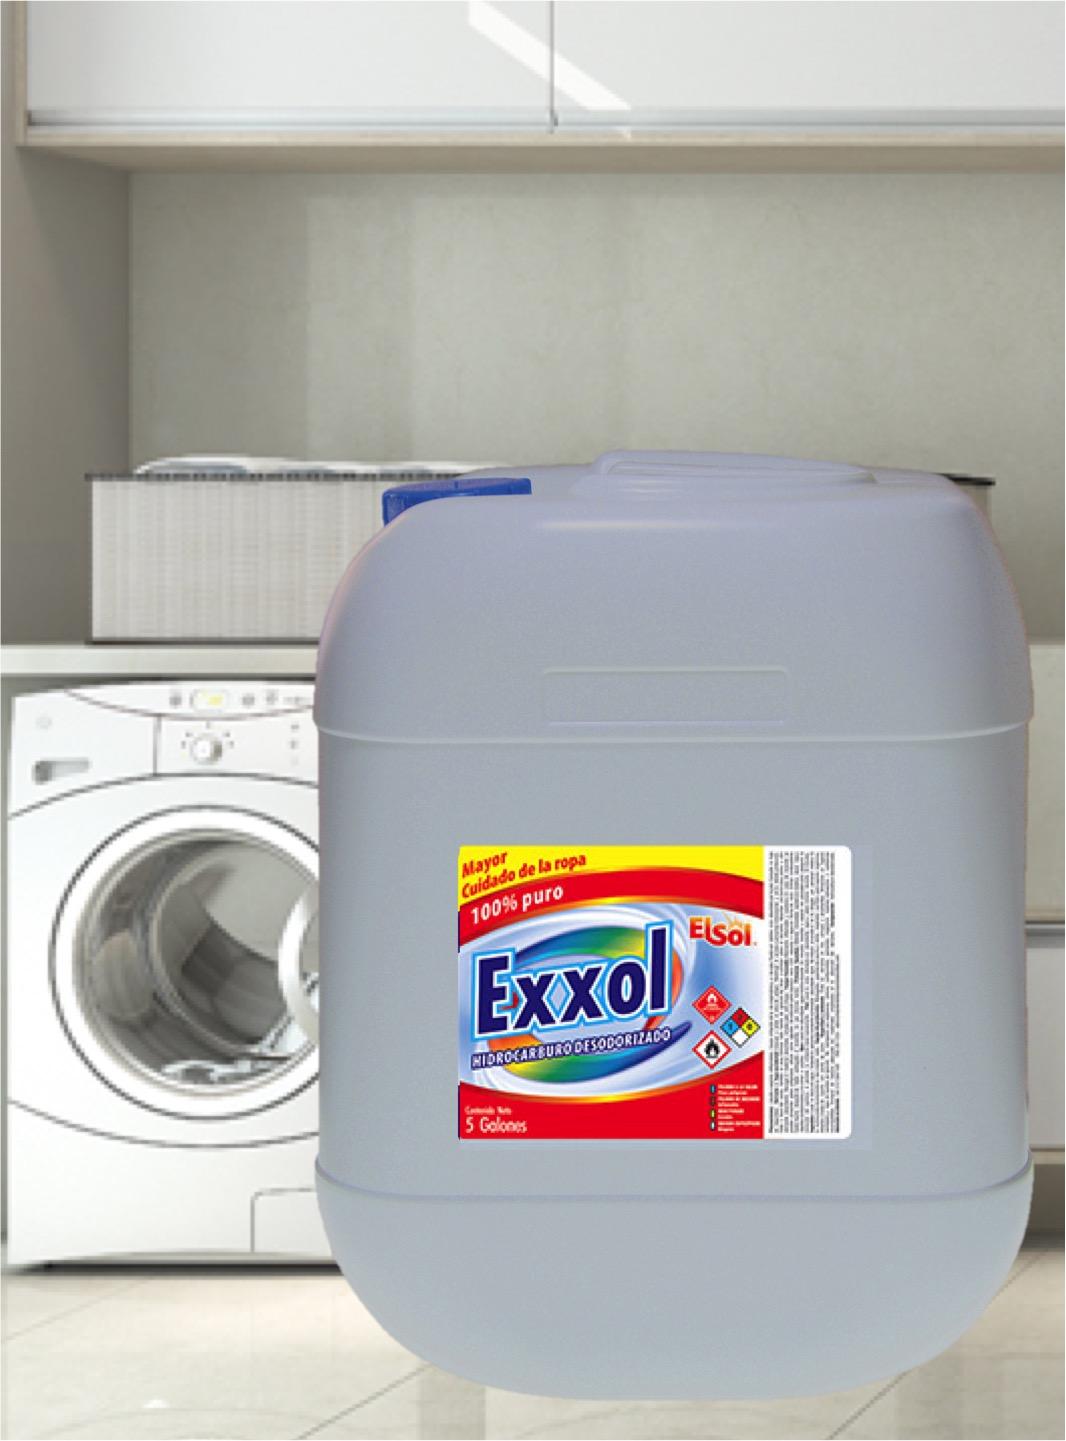 ProdExxsol